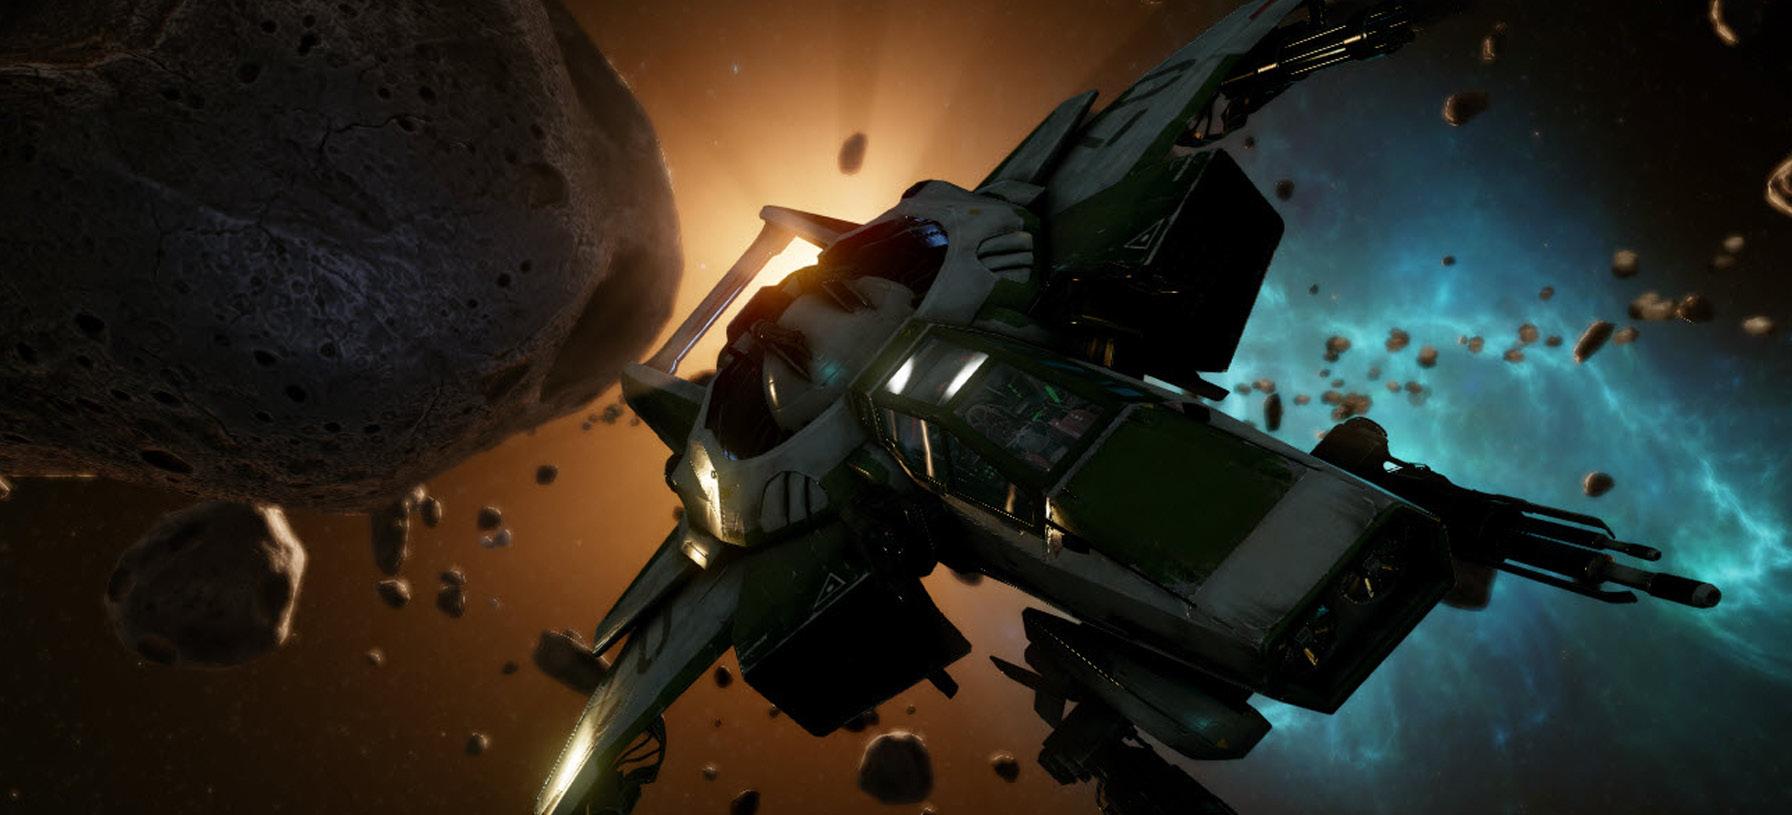 Hornet Orion